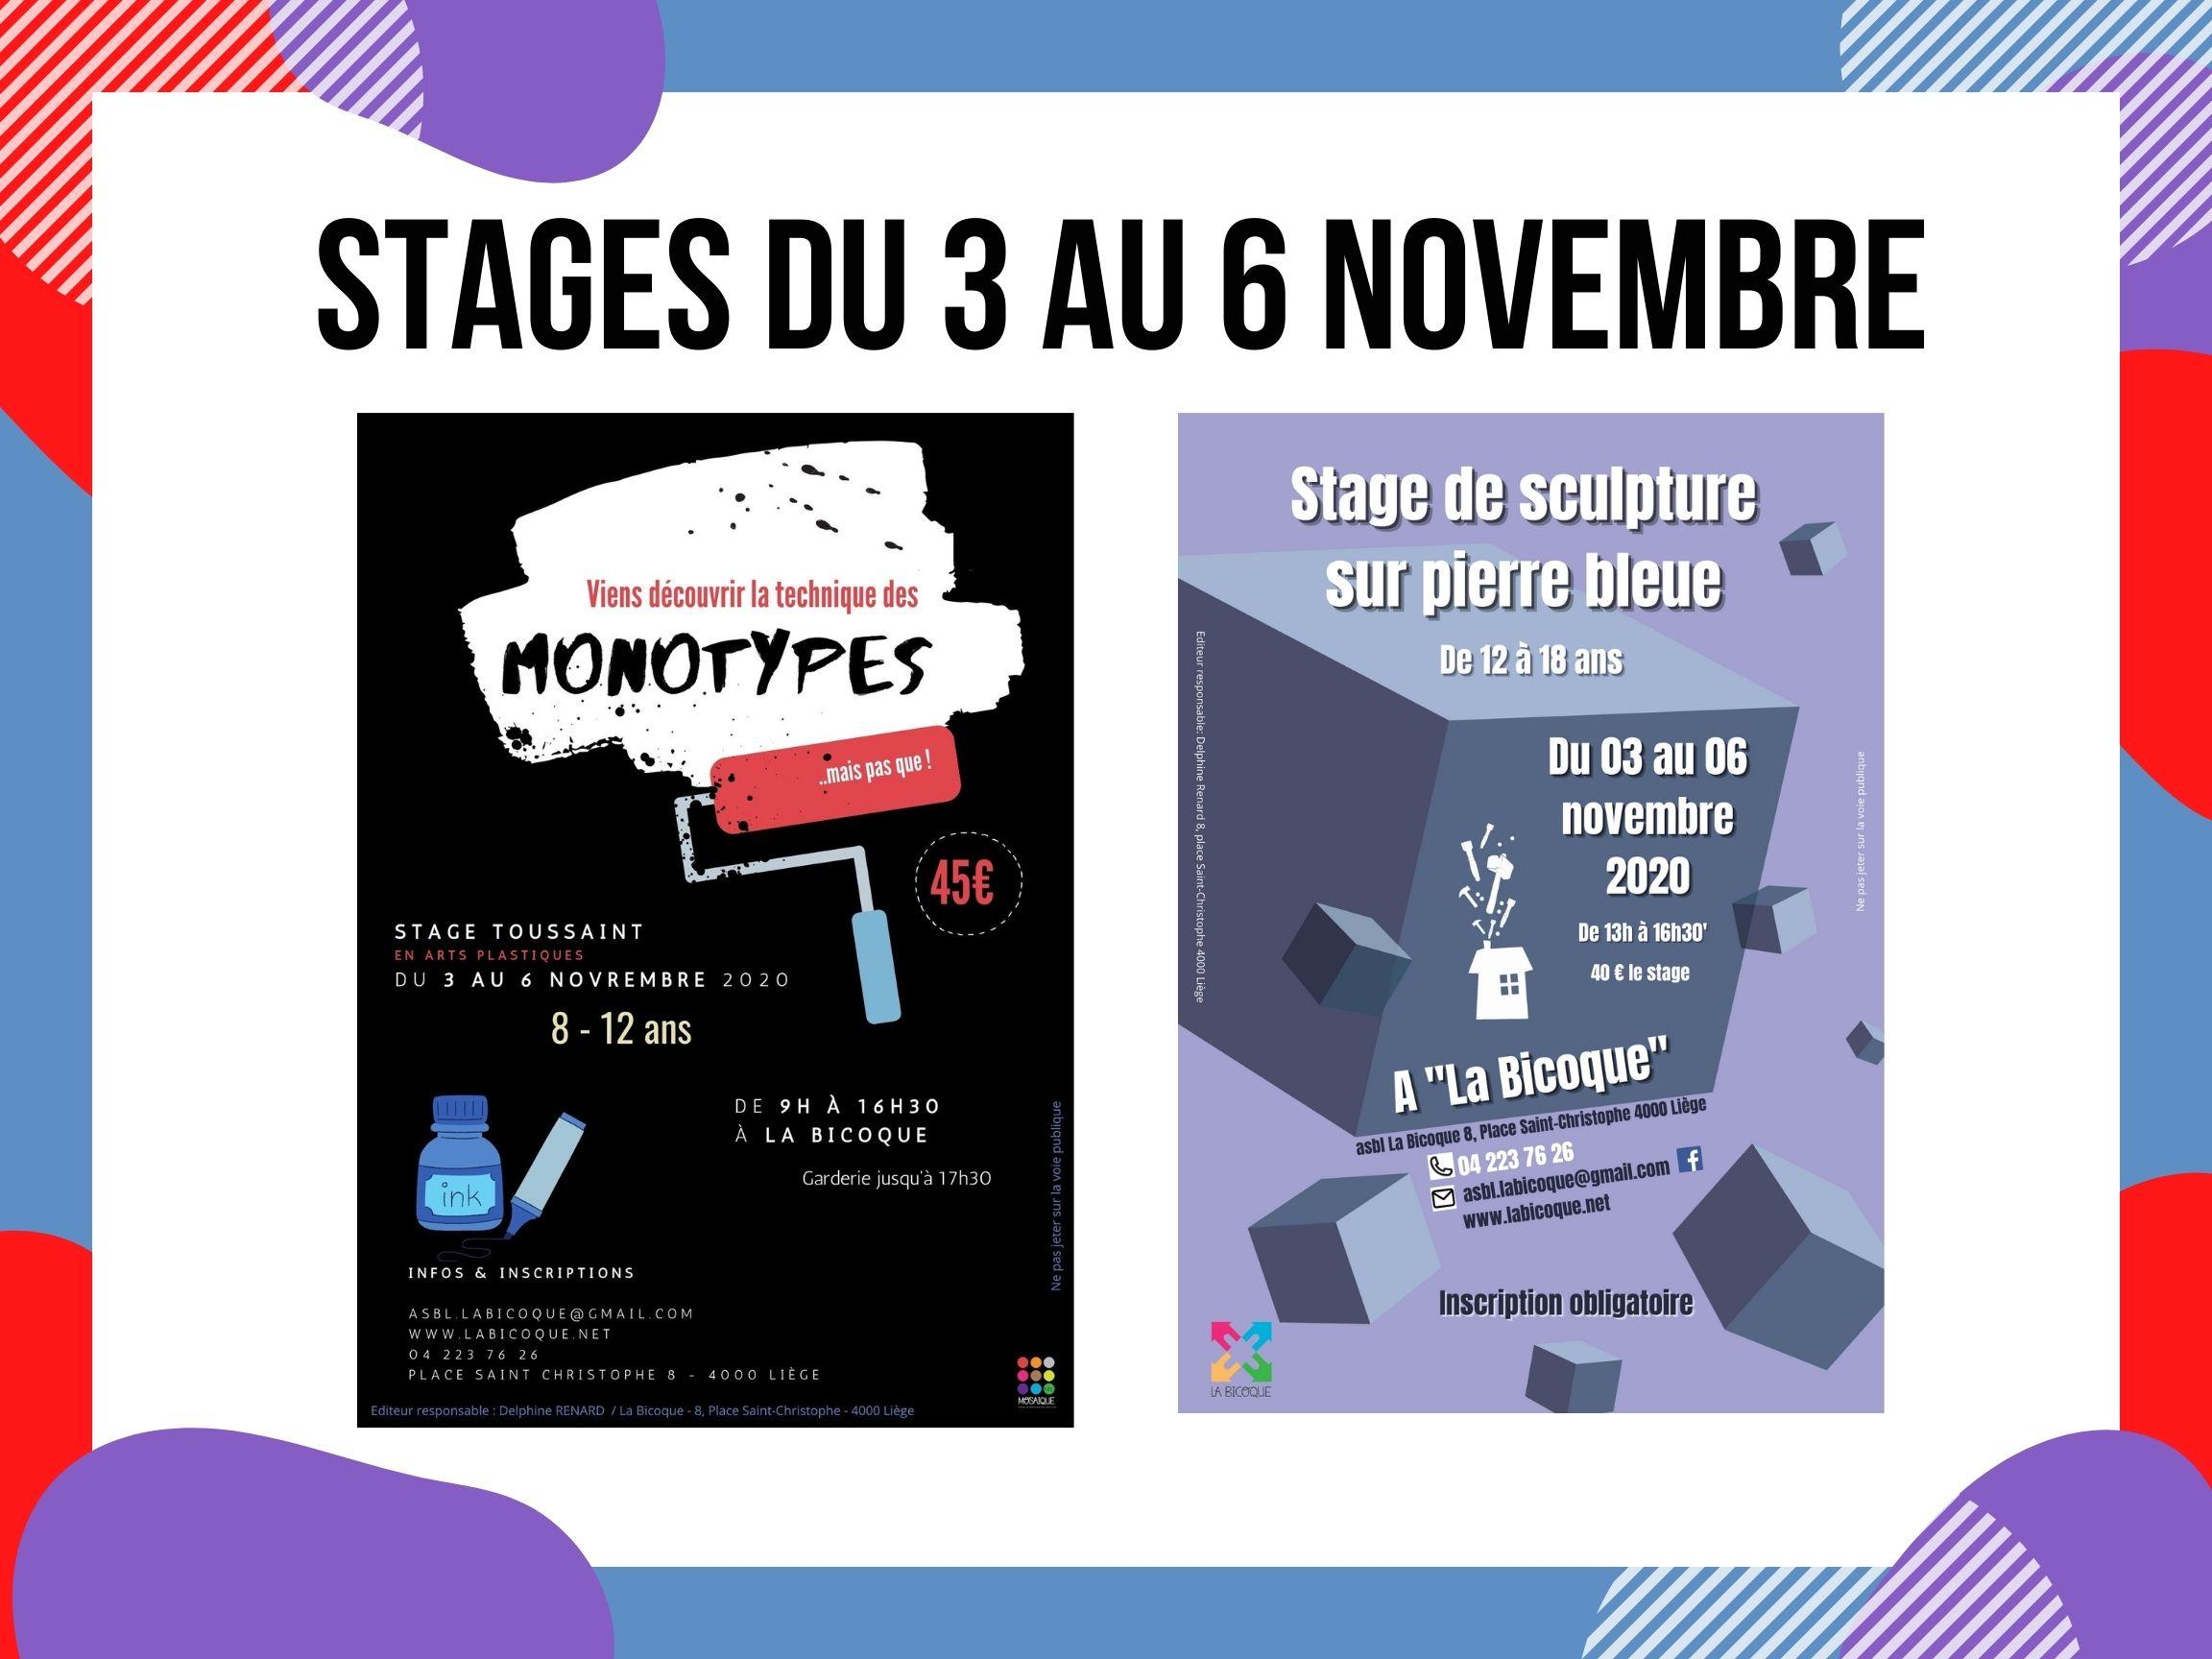 Stages du 3 au 6 NOV